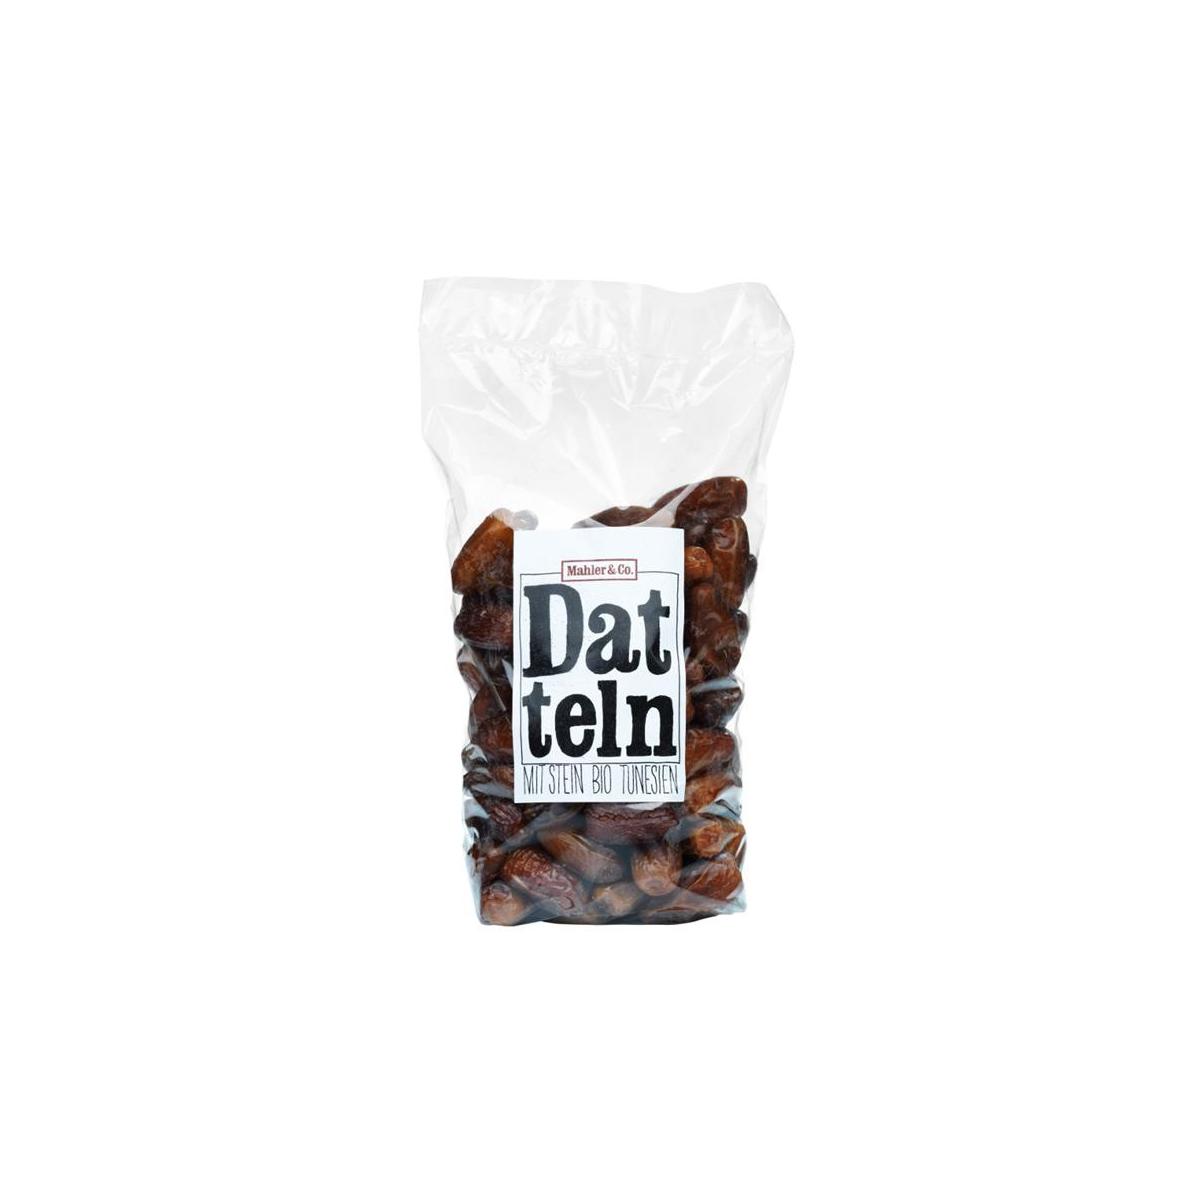 Bio Datteln mit Stein Deglet Nour 1kg